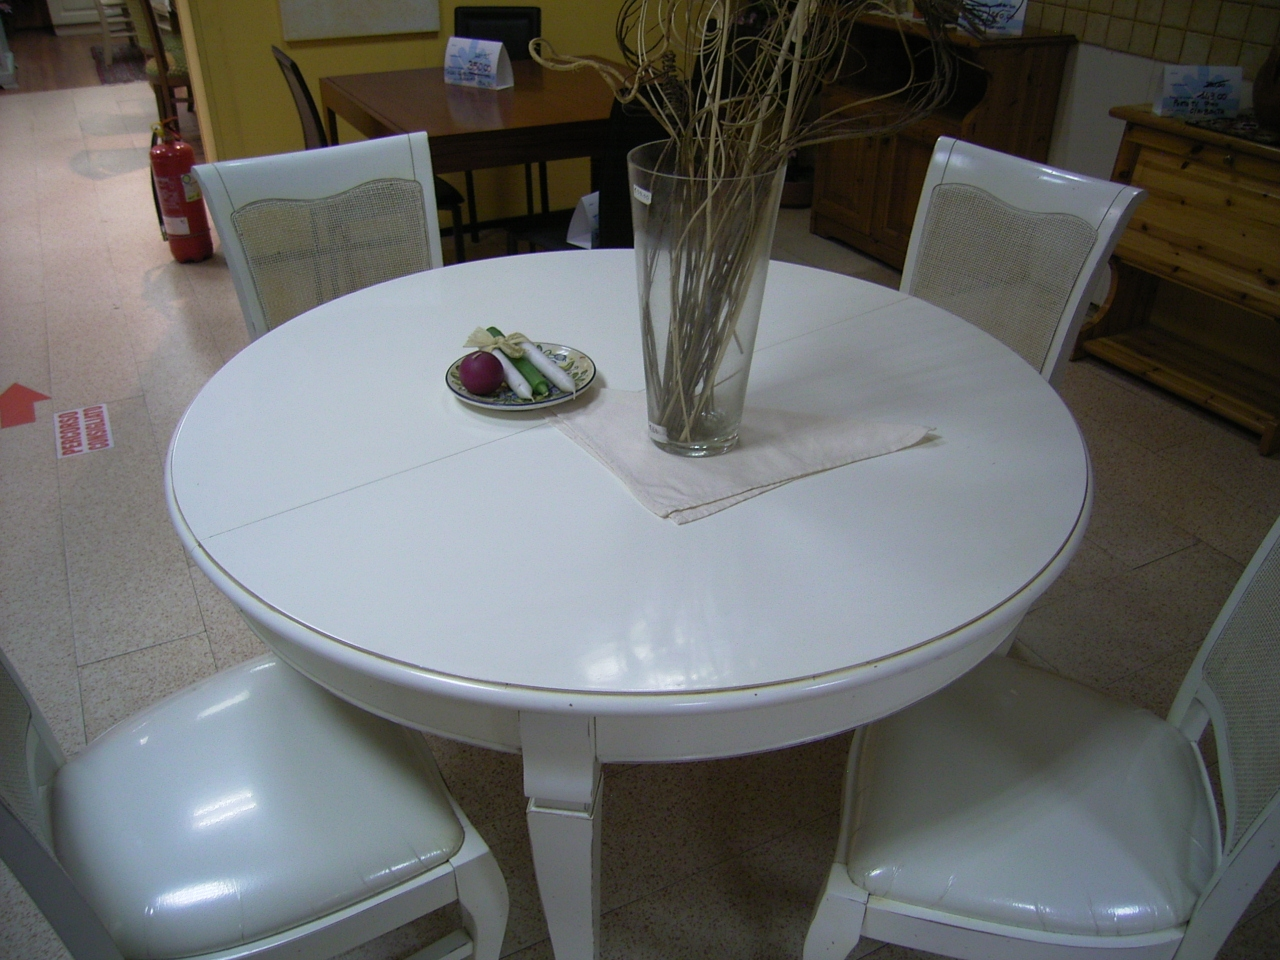 Tavolo con sedie per soggiorno : tavolo cucina ebay. tavolo cucina ...